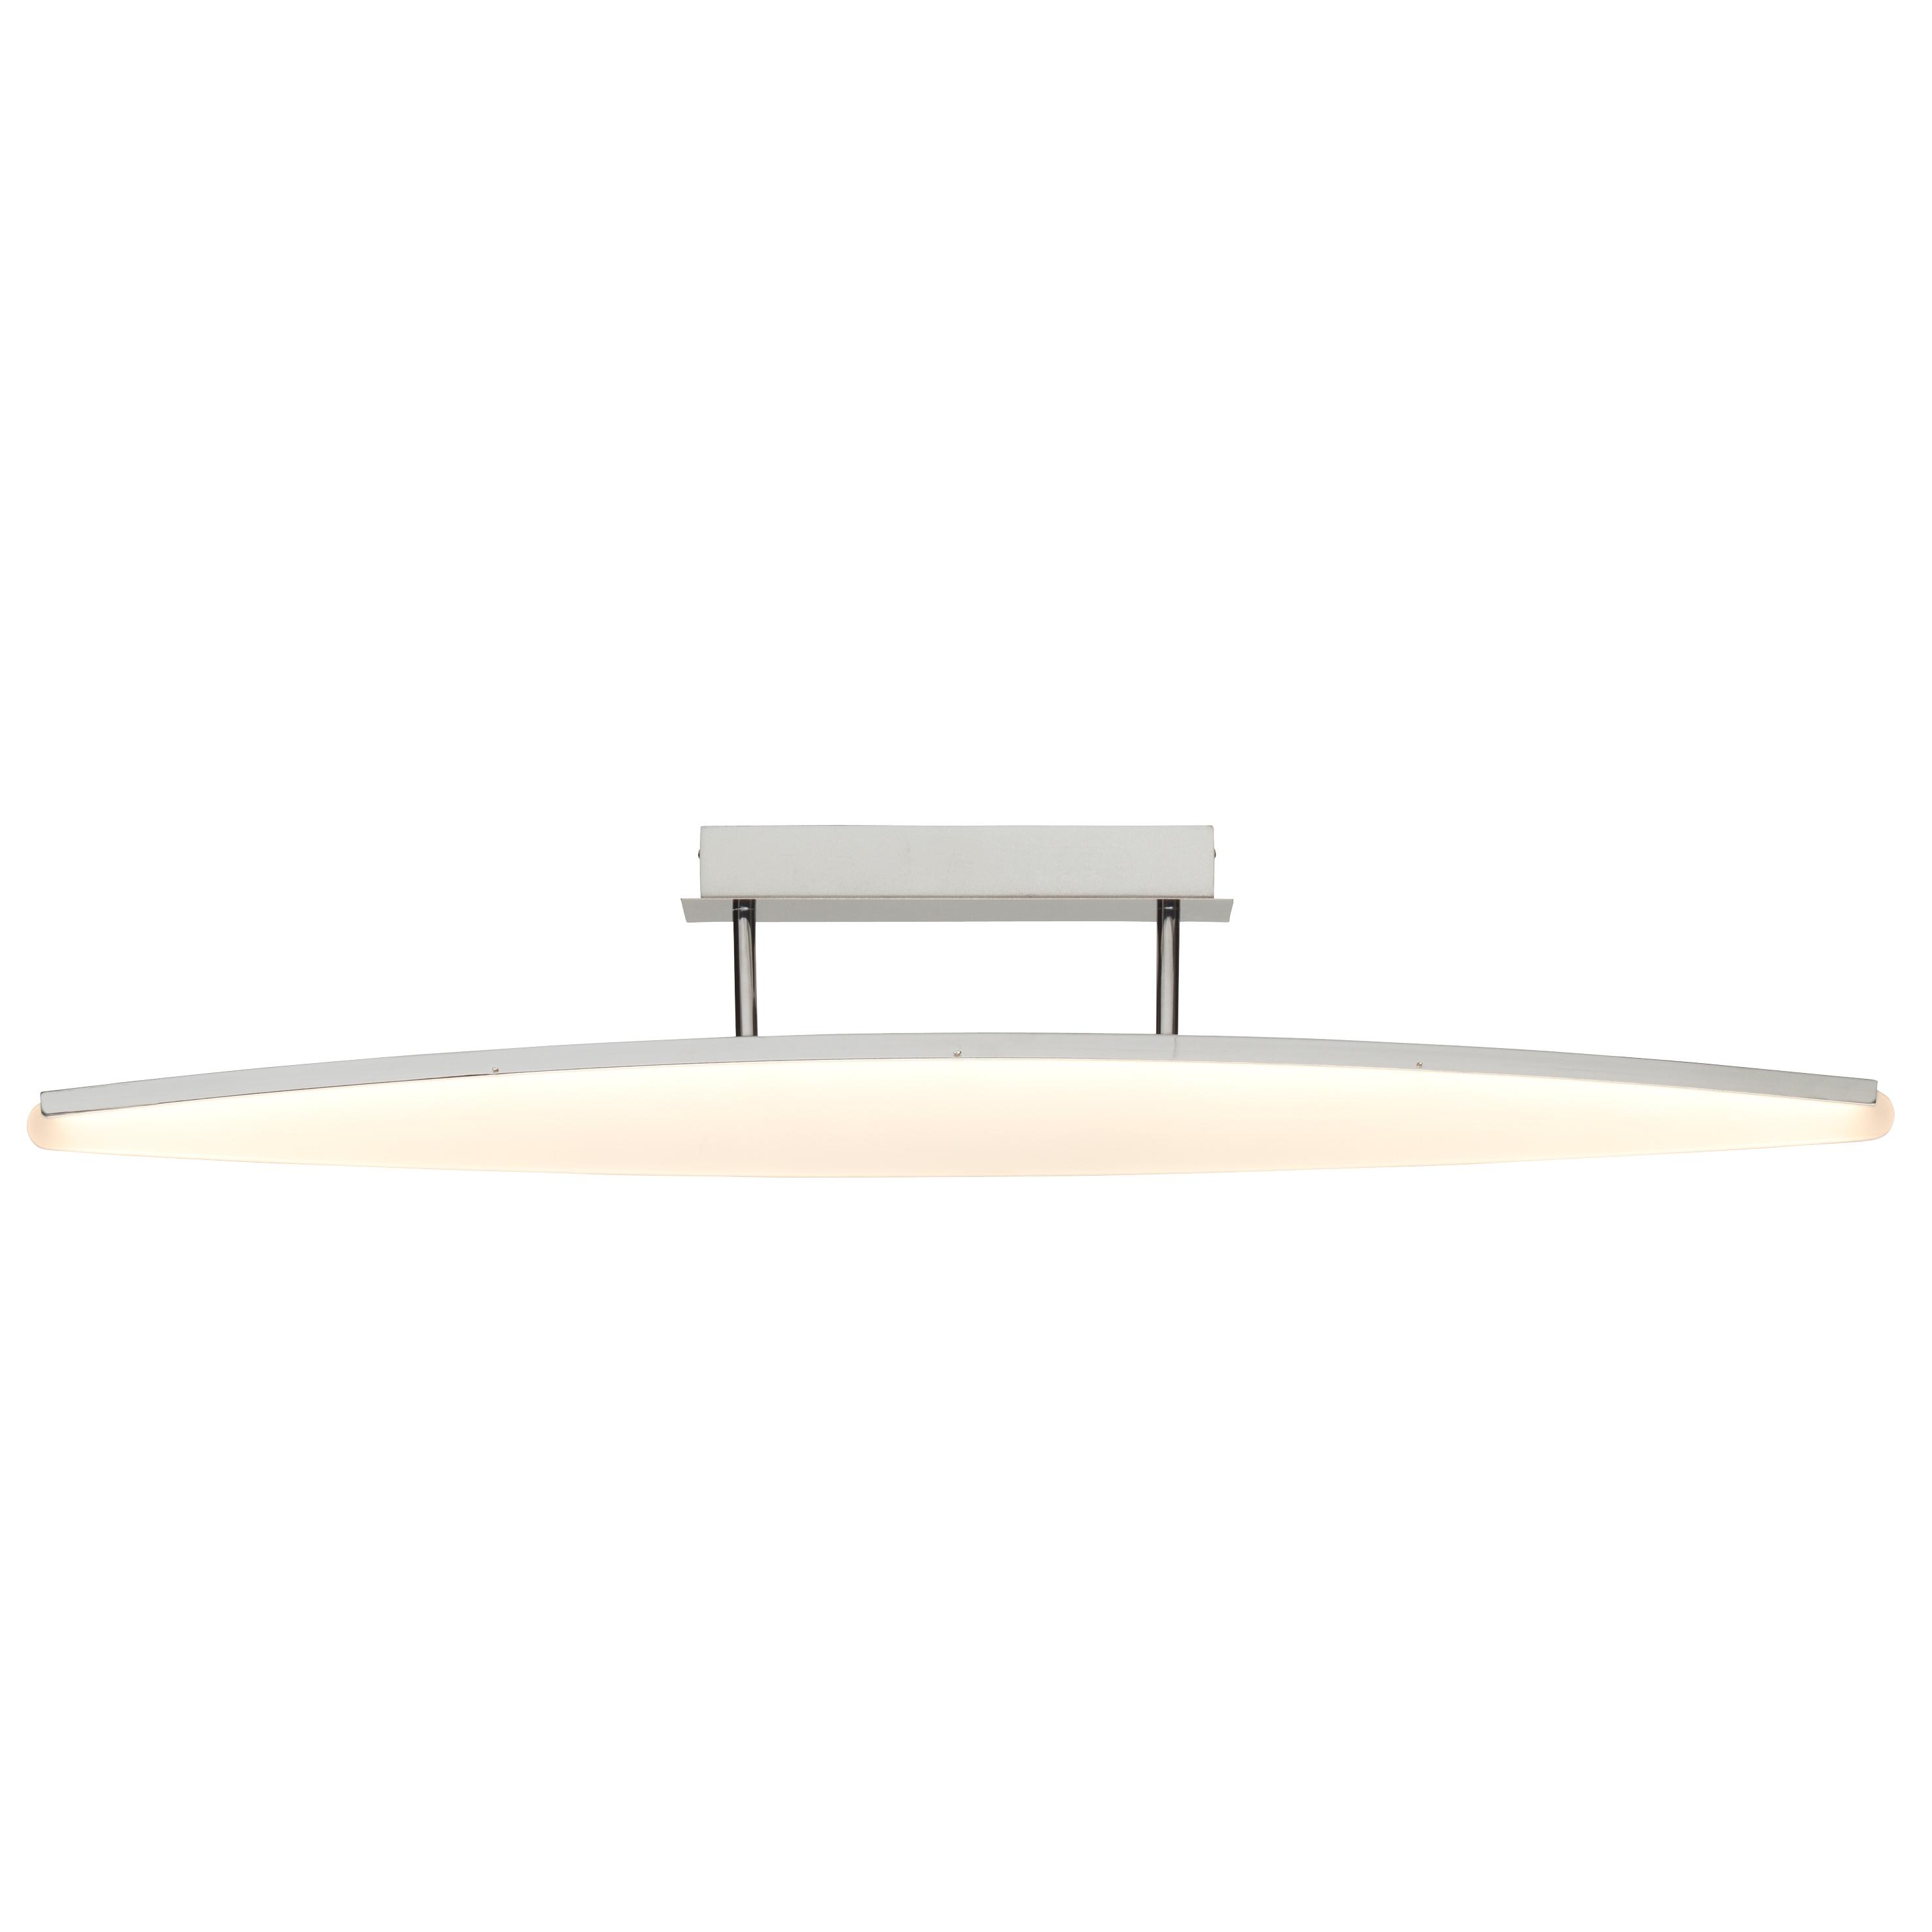 Brilliant Leuchten View LED Deckenleuchte 101x15cm chrom/weiß